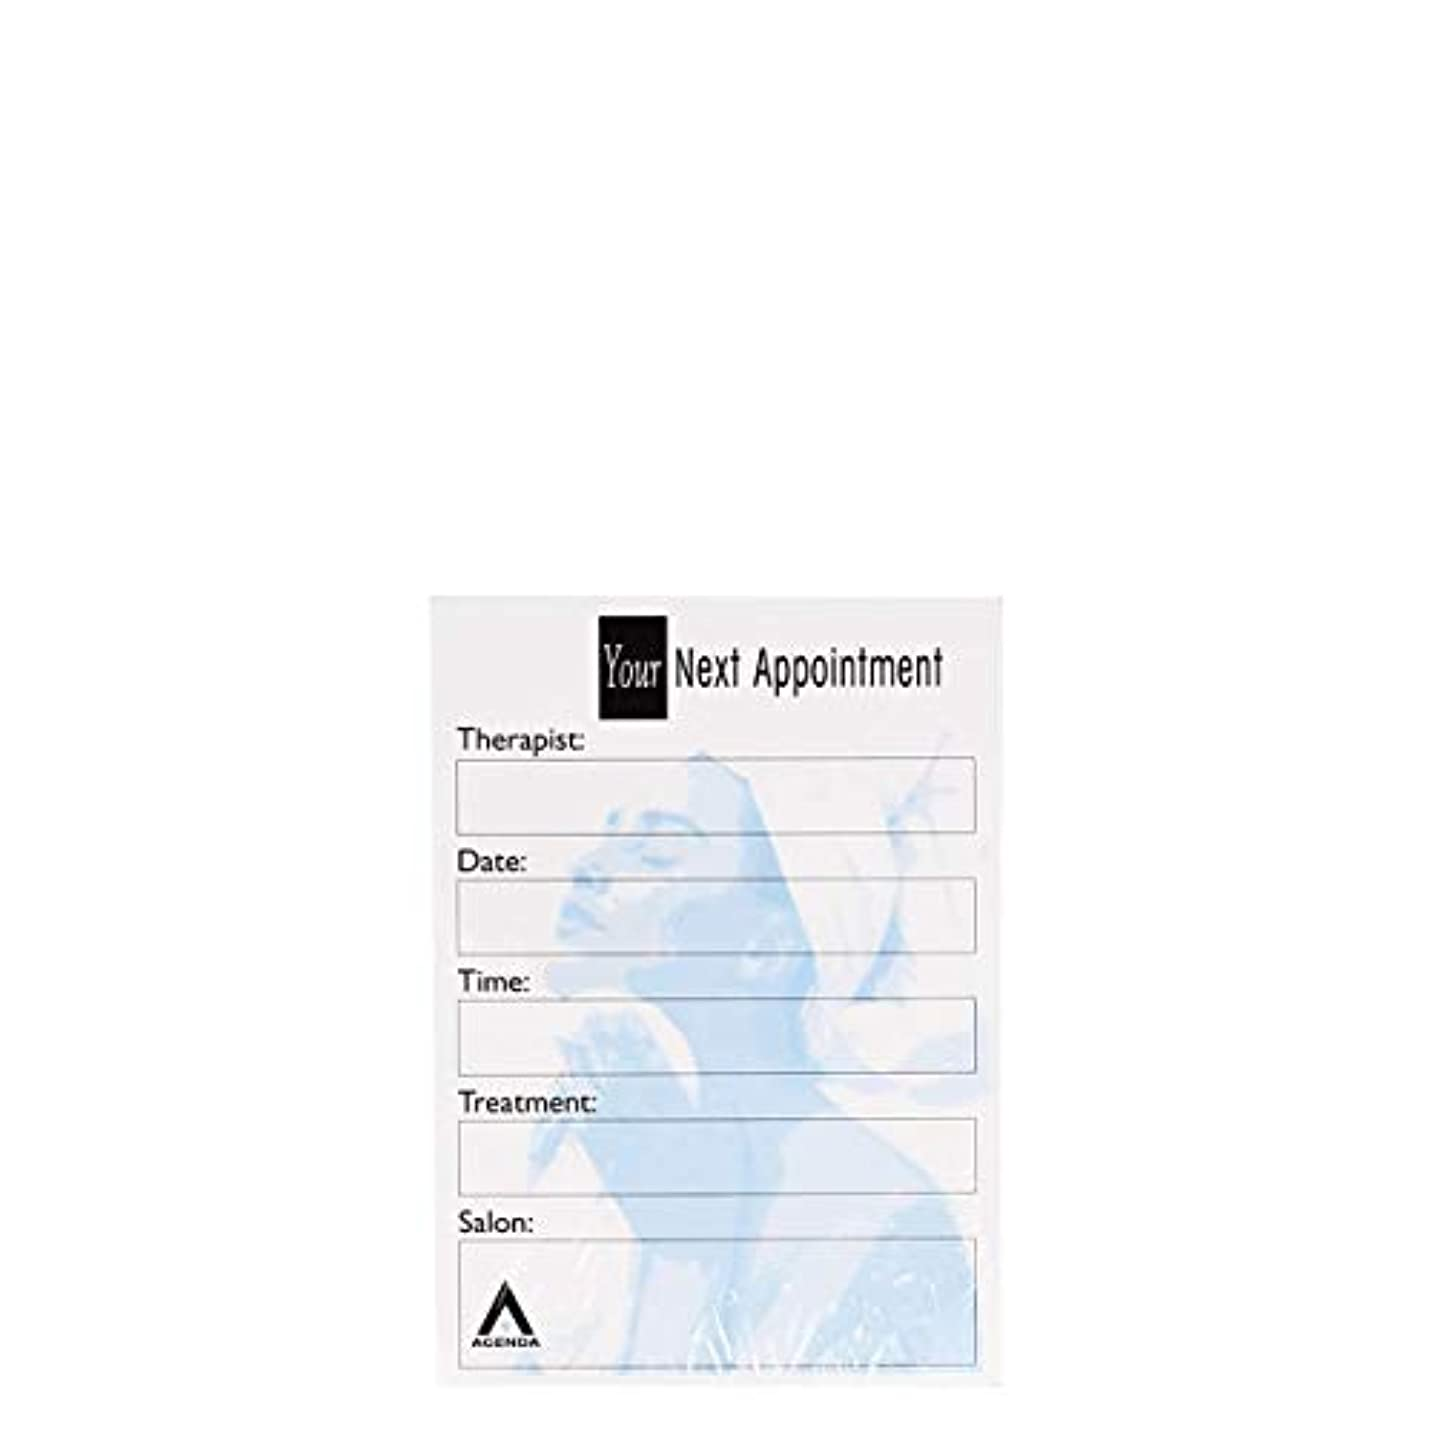 風変わりなビン持参アジェンダ サロンコンセプト ネイルアポイントメントカードAP7B x100[海外直送品] [並行輸入品]